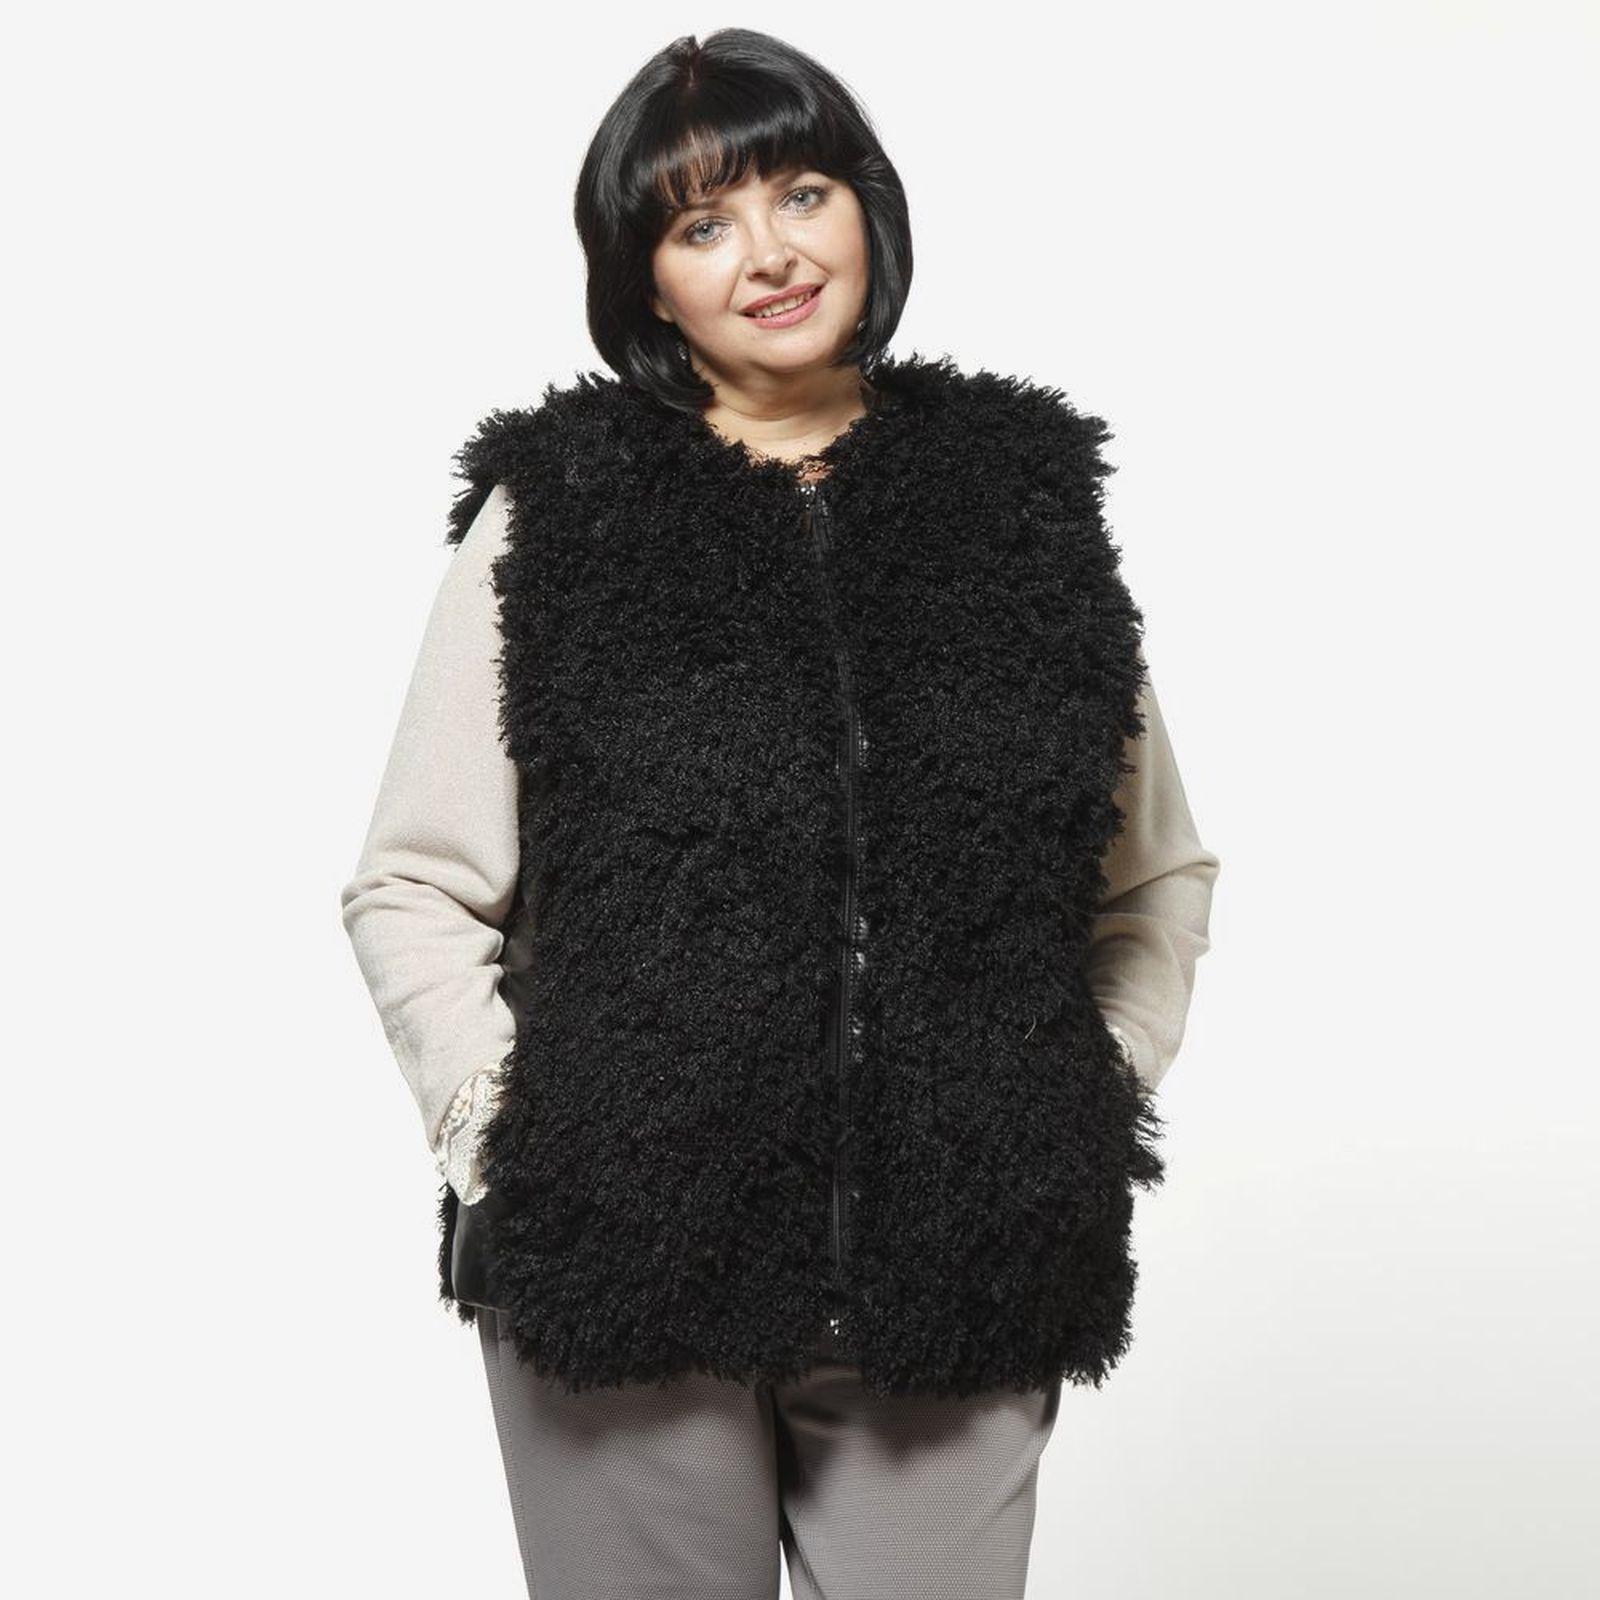 Меховой жилет на молнии винтажная одежда интернет магазин купить